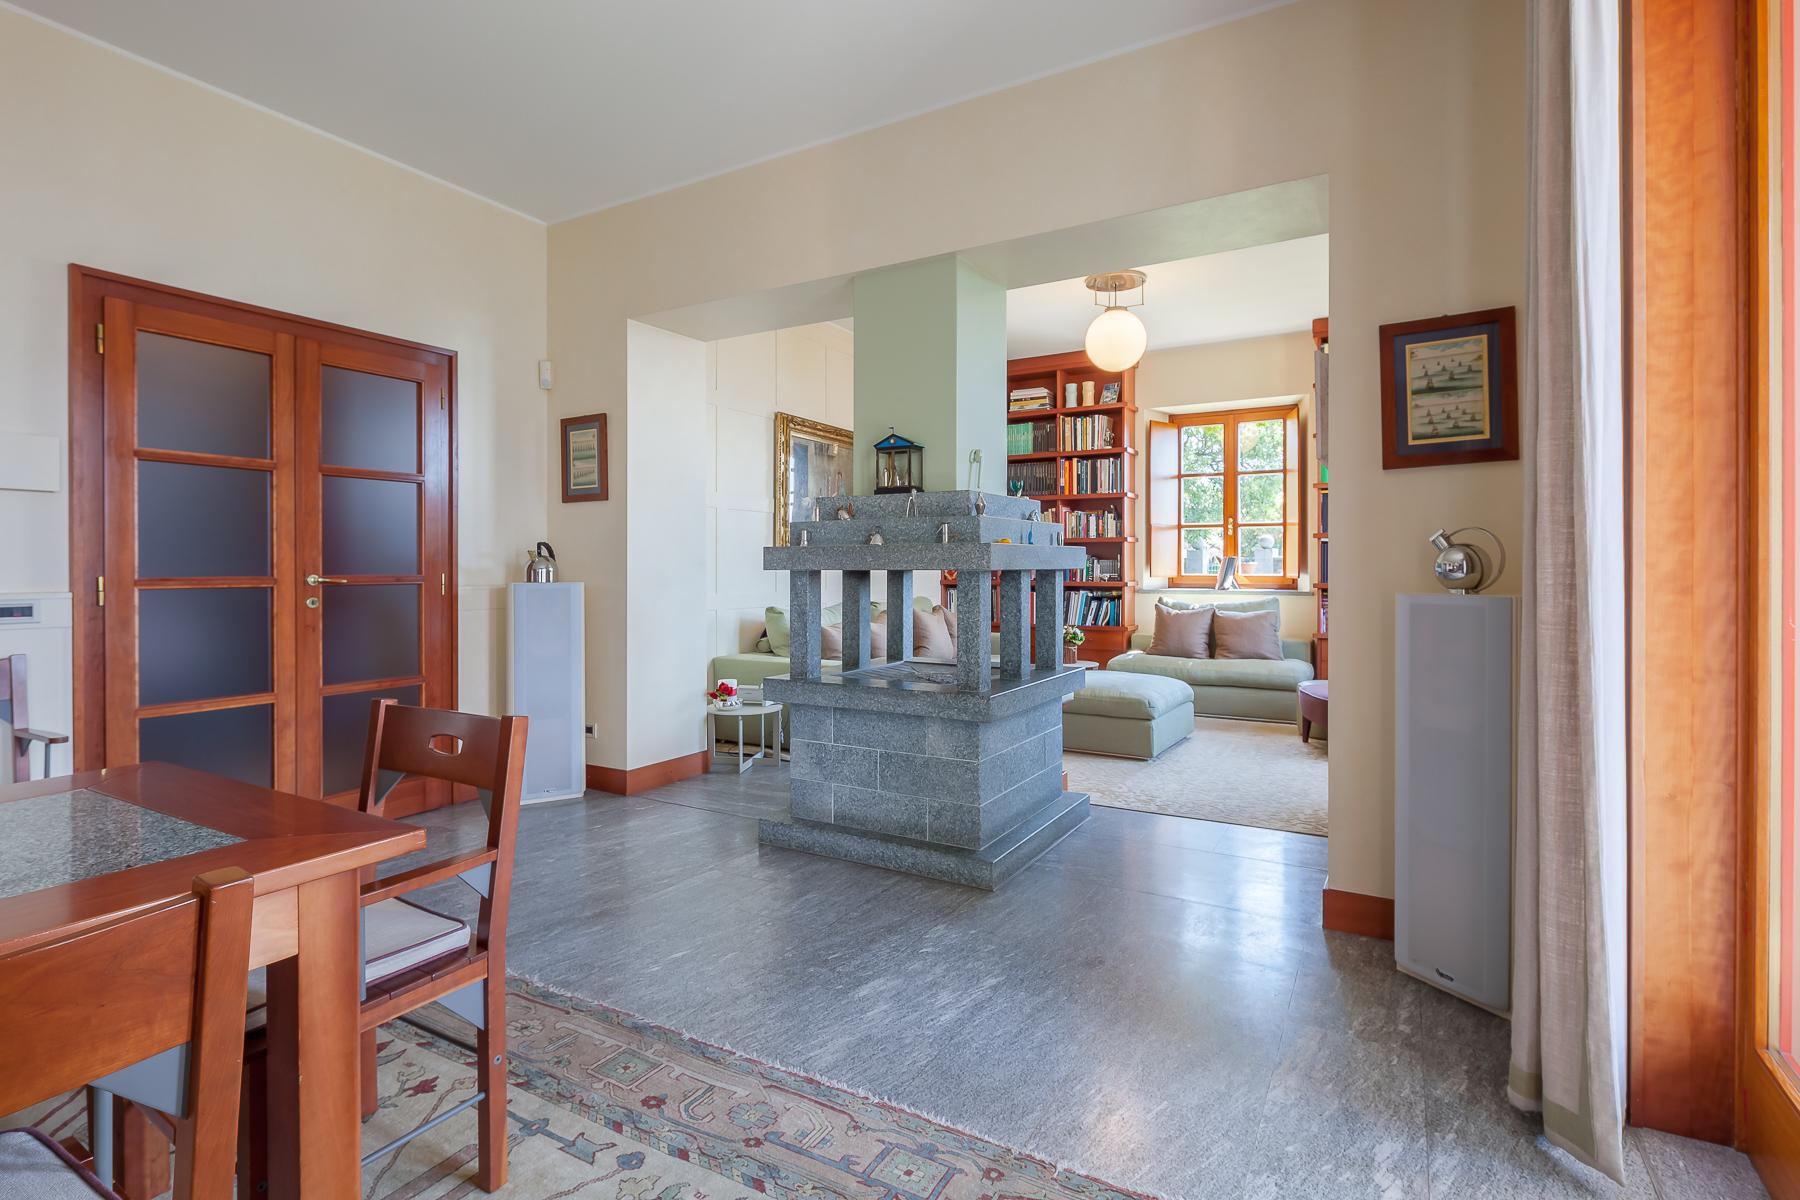 Villa in Vendita a Verbania: 5 locali, 550 mq - Foto 15